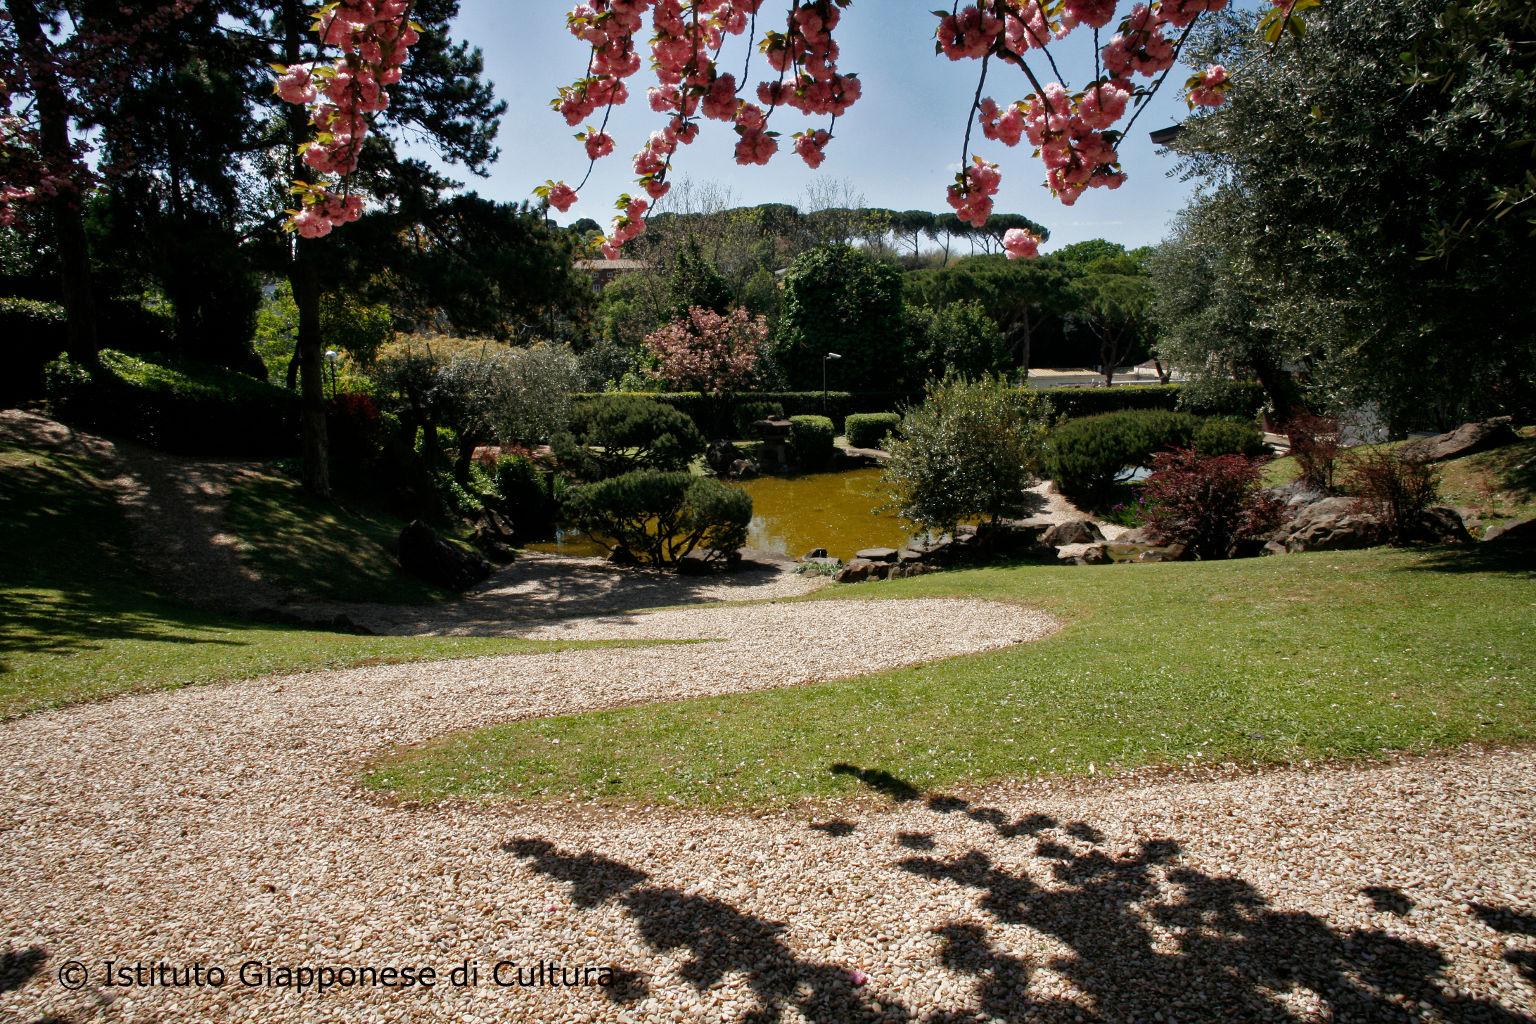 Viaggio a roma nel suggestivo giardino dell istituto giapponese di cultura foto - Giardino d oriente roma ...